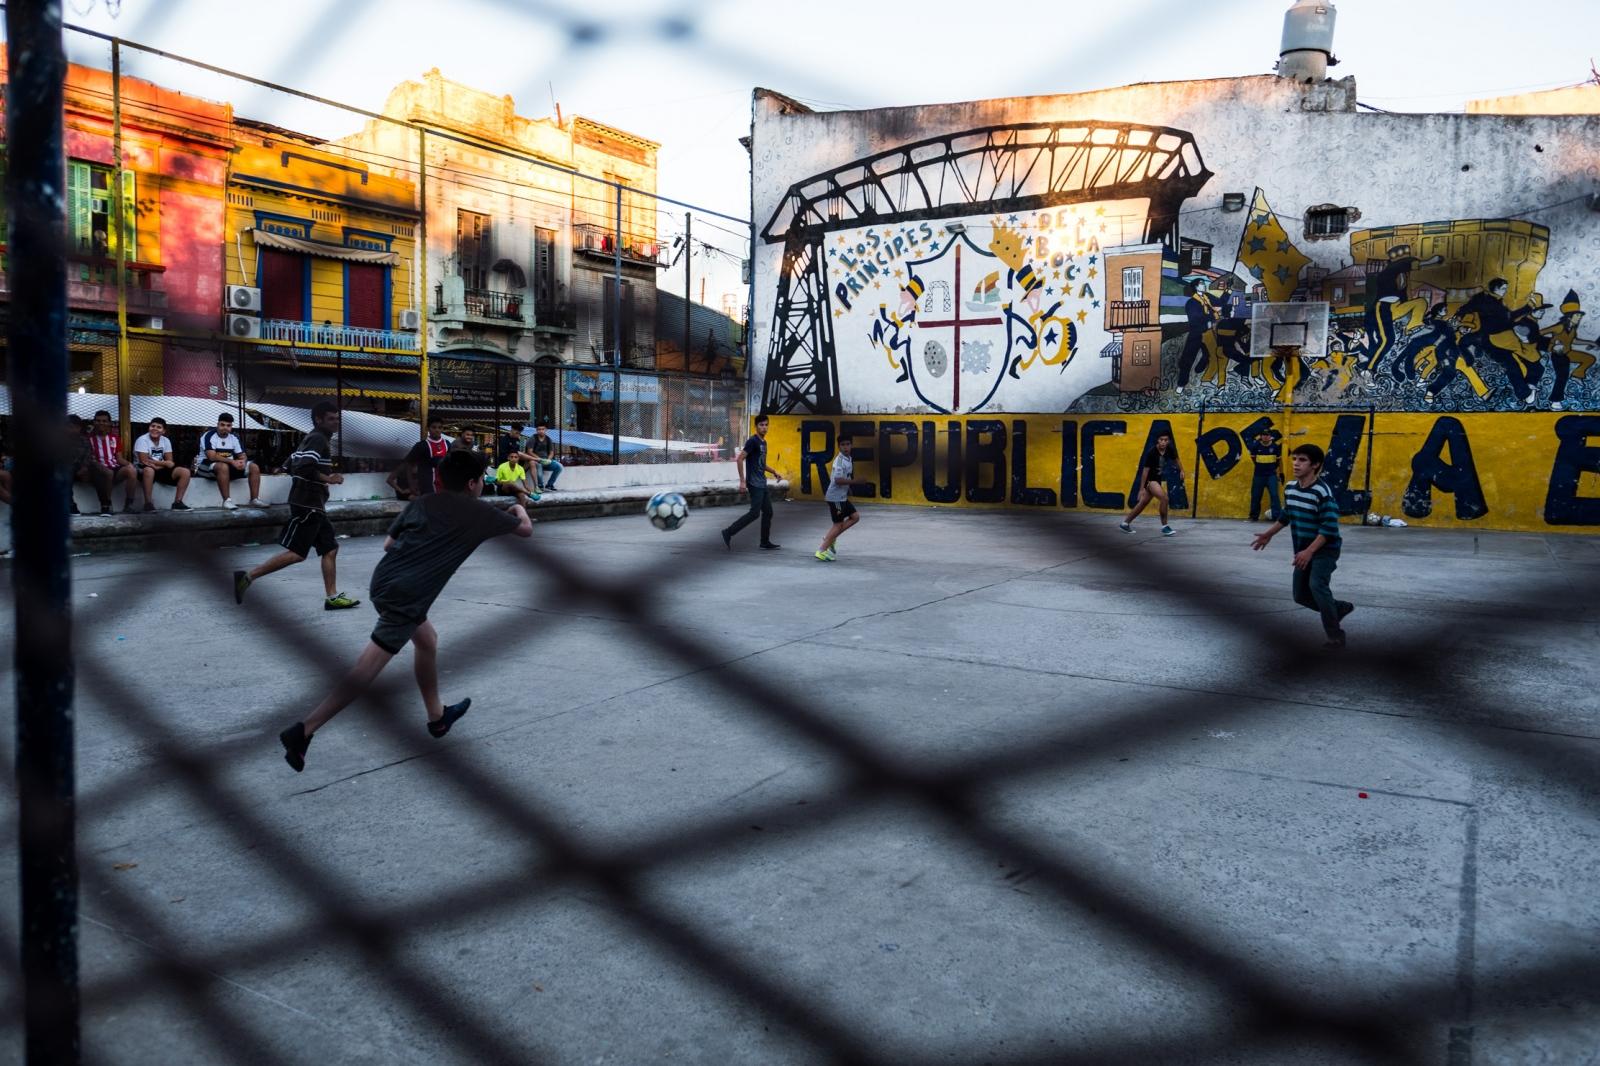 Futbol. Buenos Aries, Argentina.